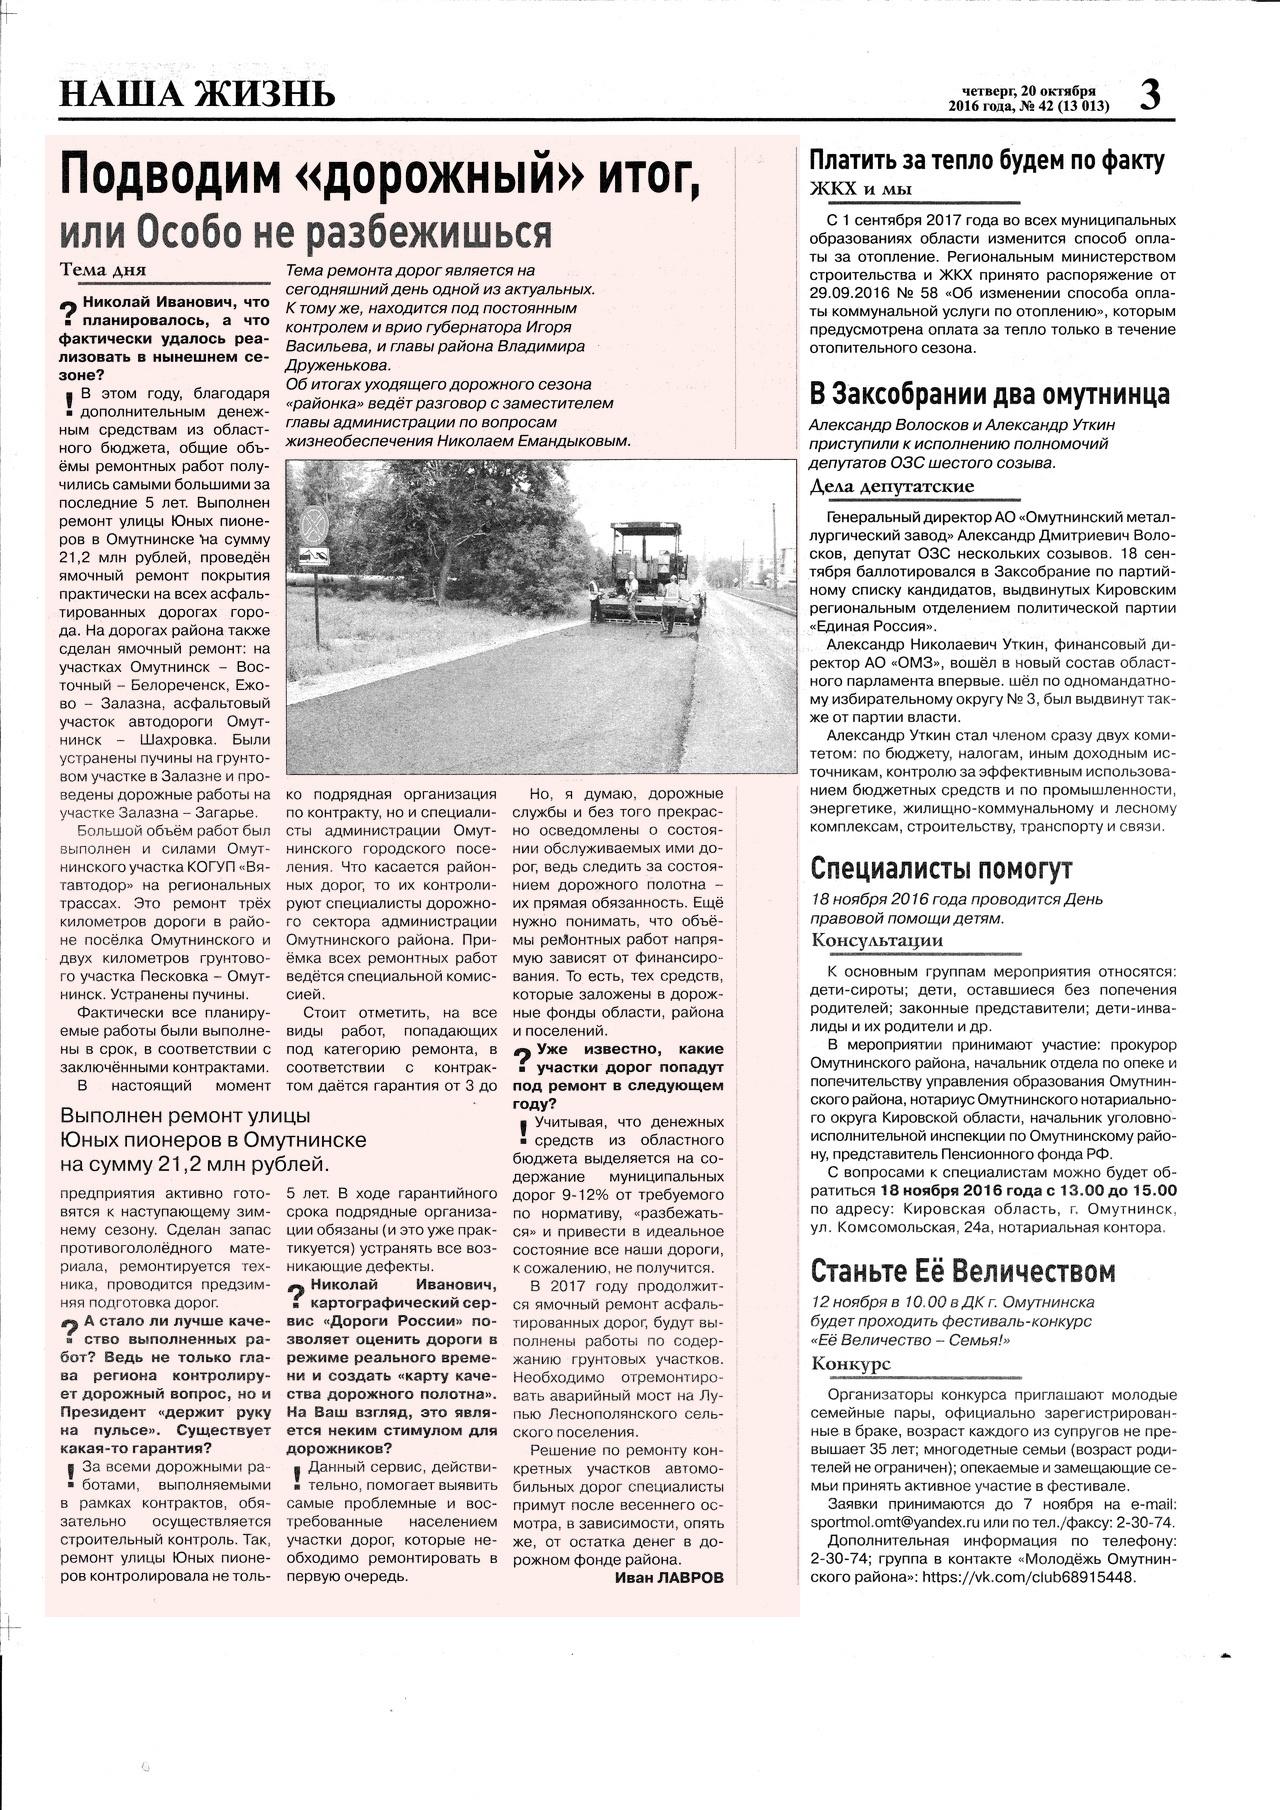 газета Наша Жизнь №42 2016 год